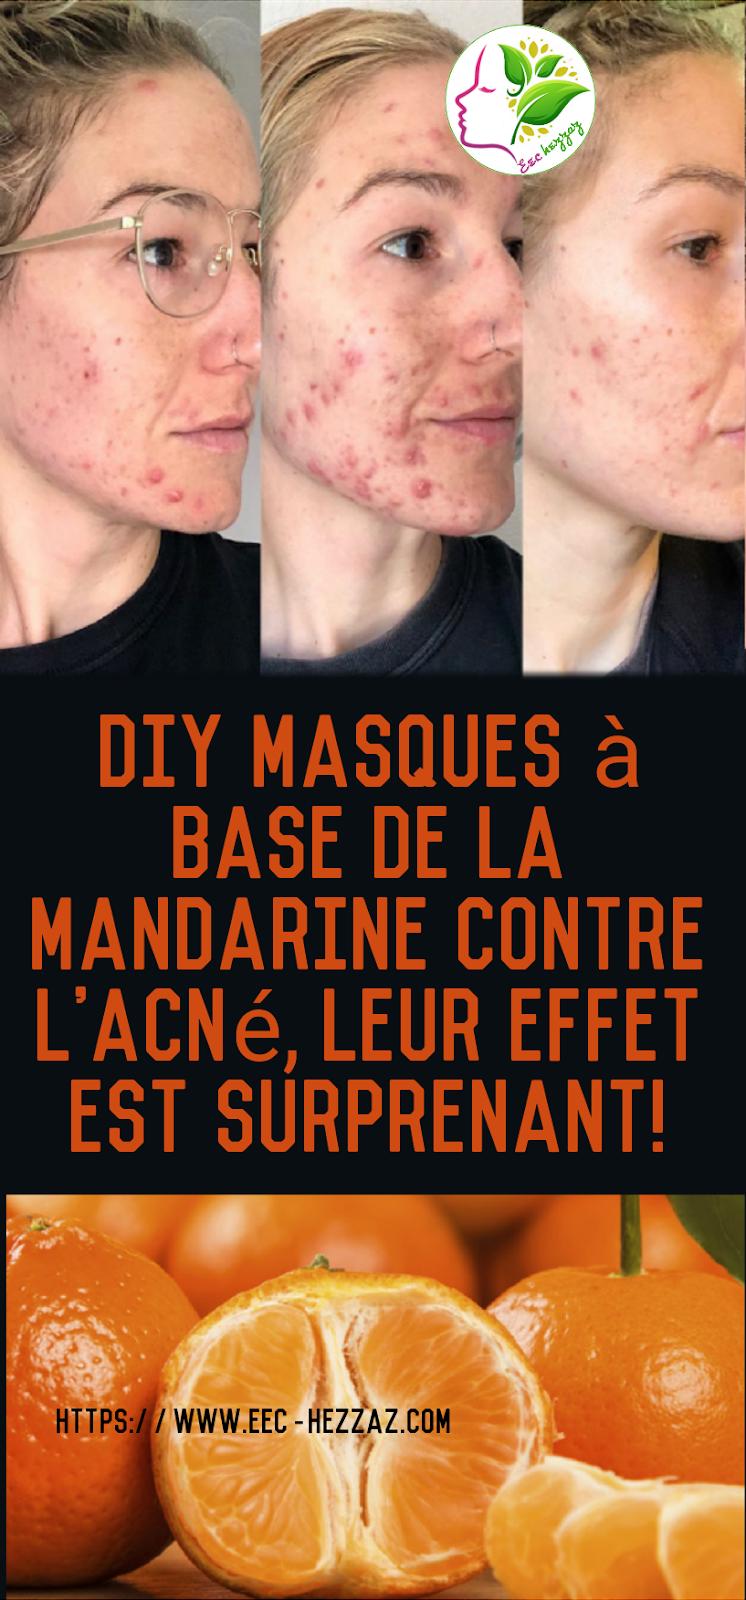 DIY masques à base de la mandarine contre l'acné, leur effet est surprenant!